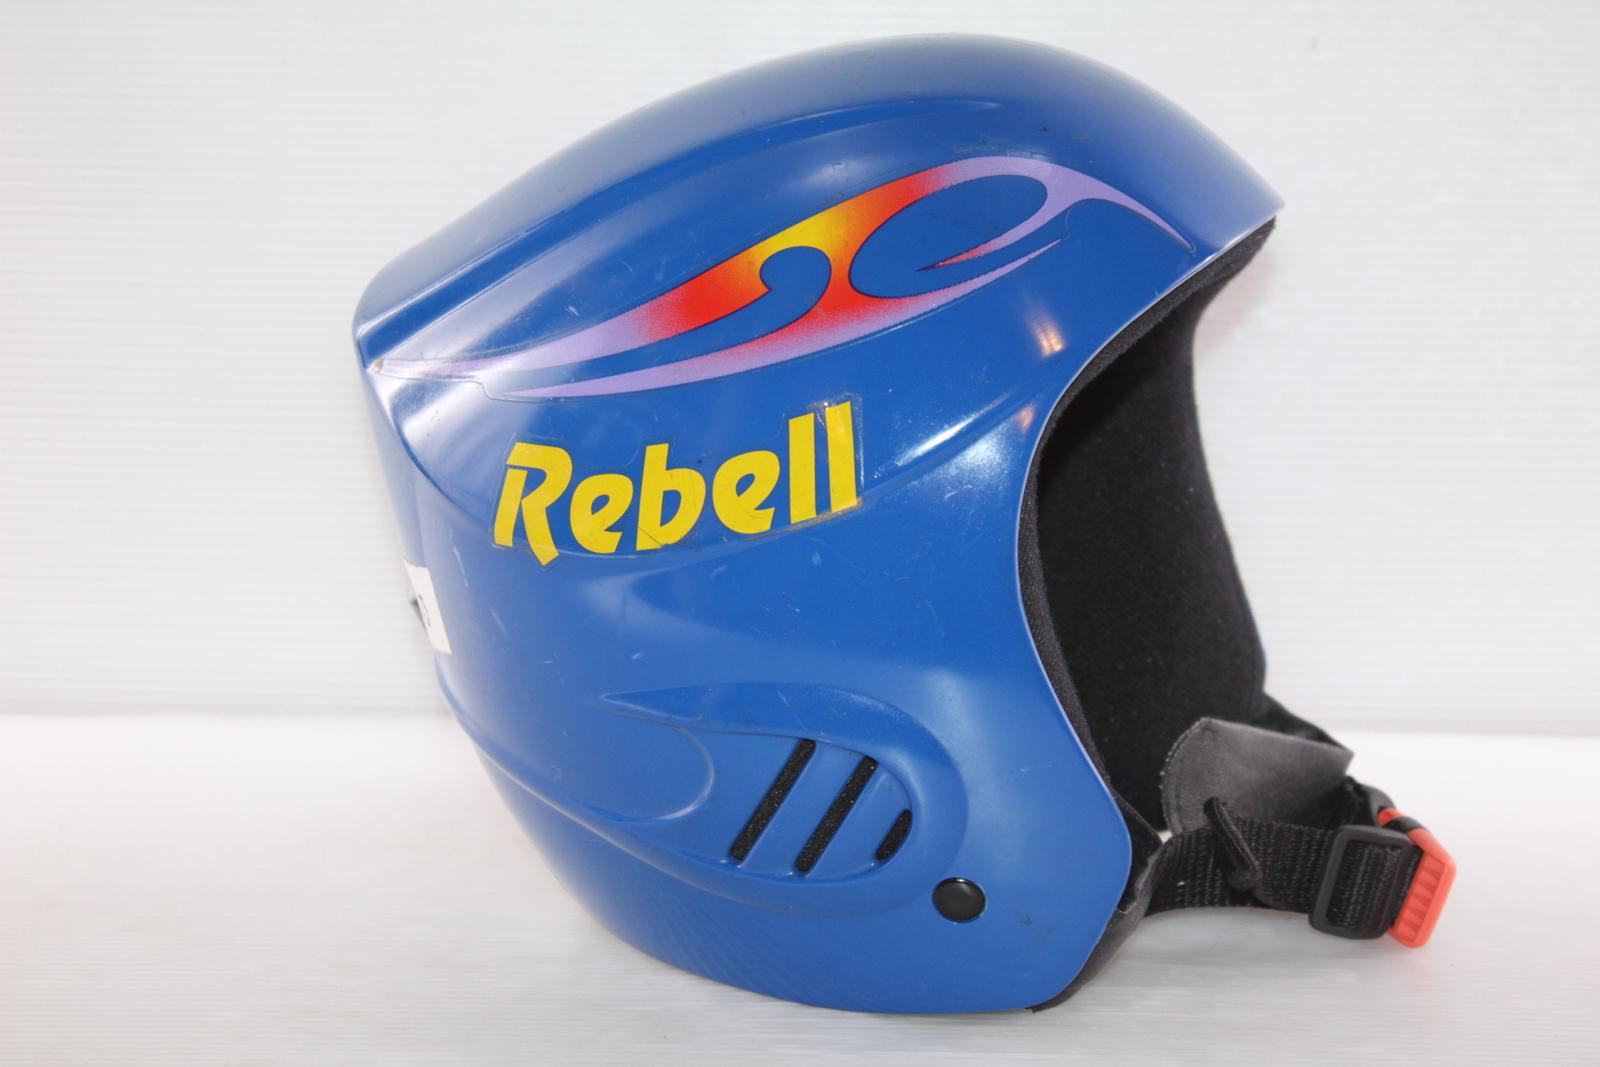 Dětská lyžařská helma Rebel Rebell vel. 52